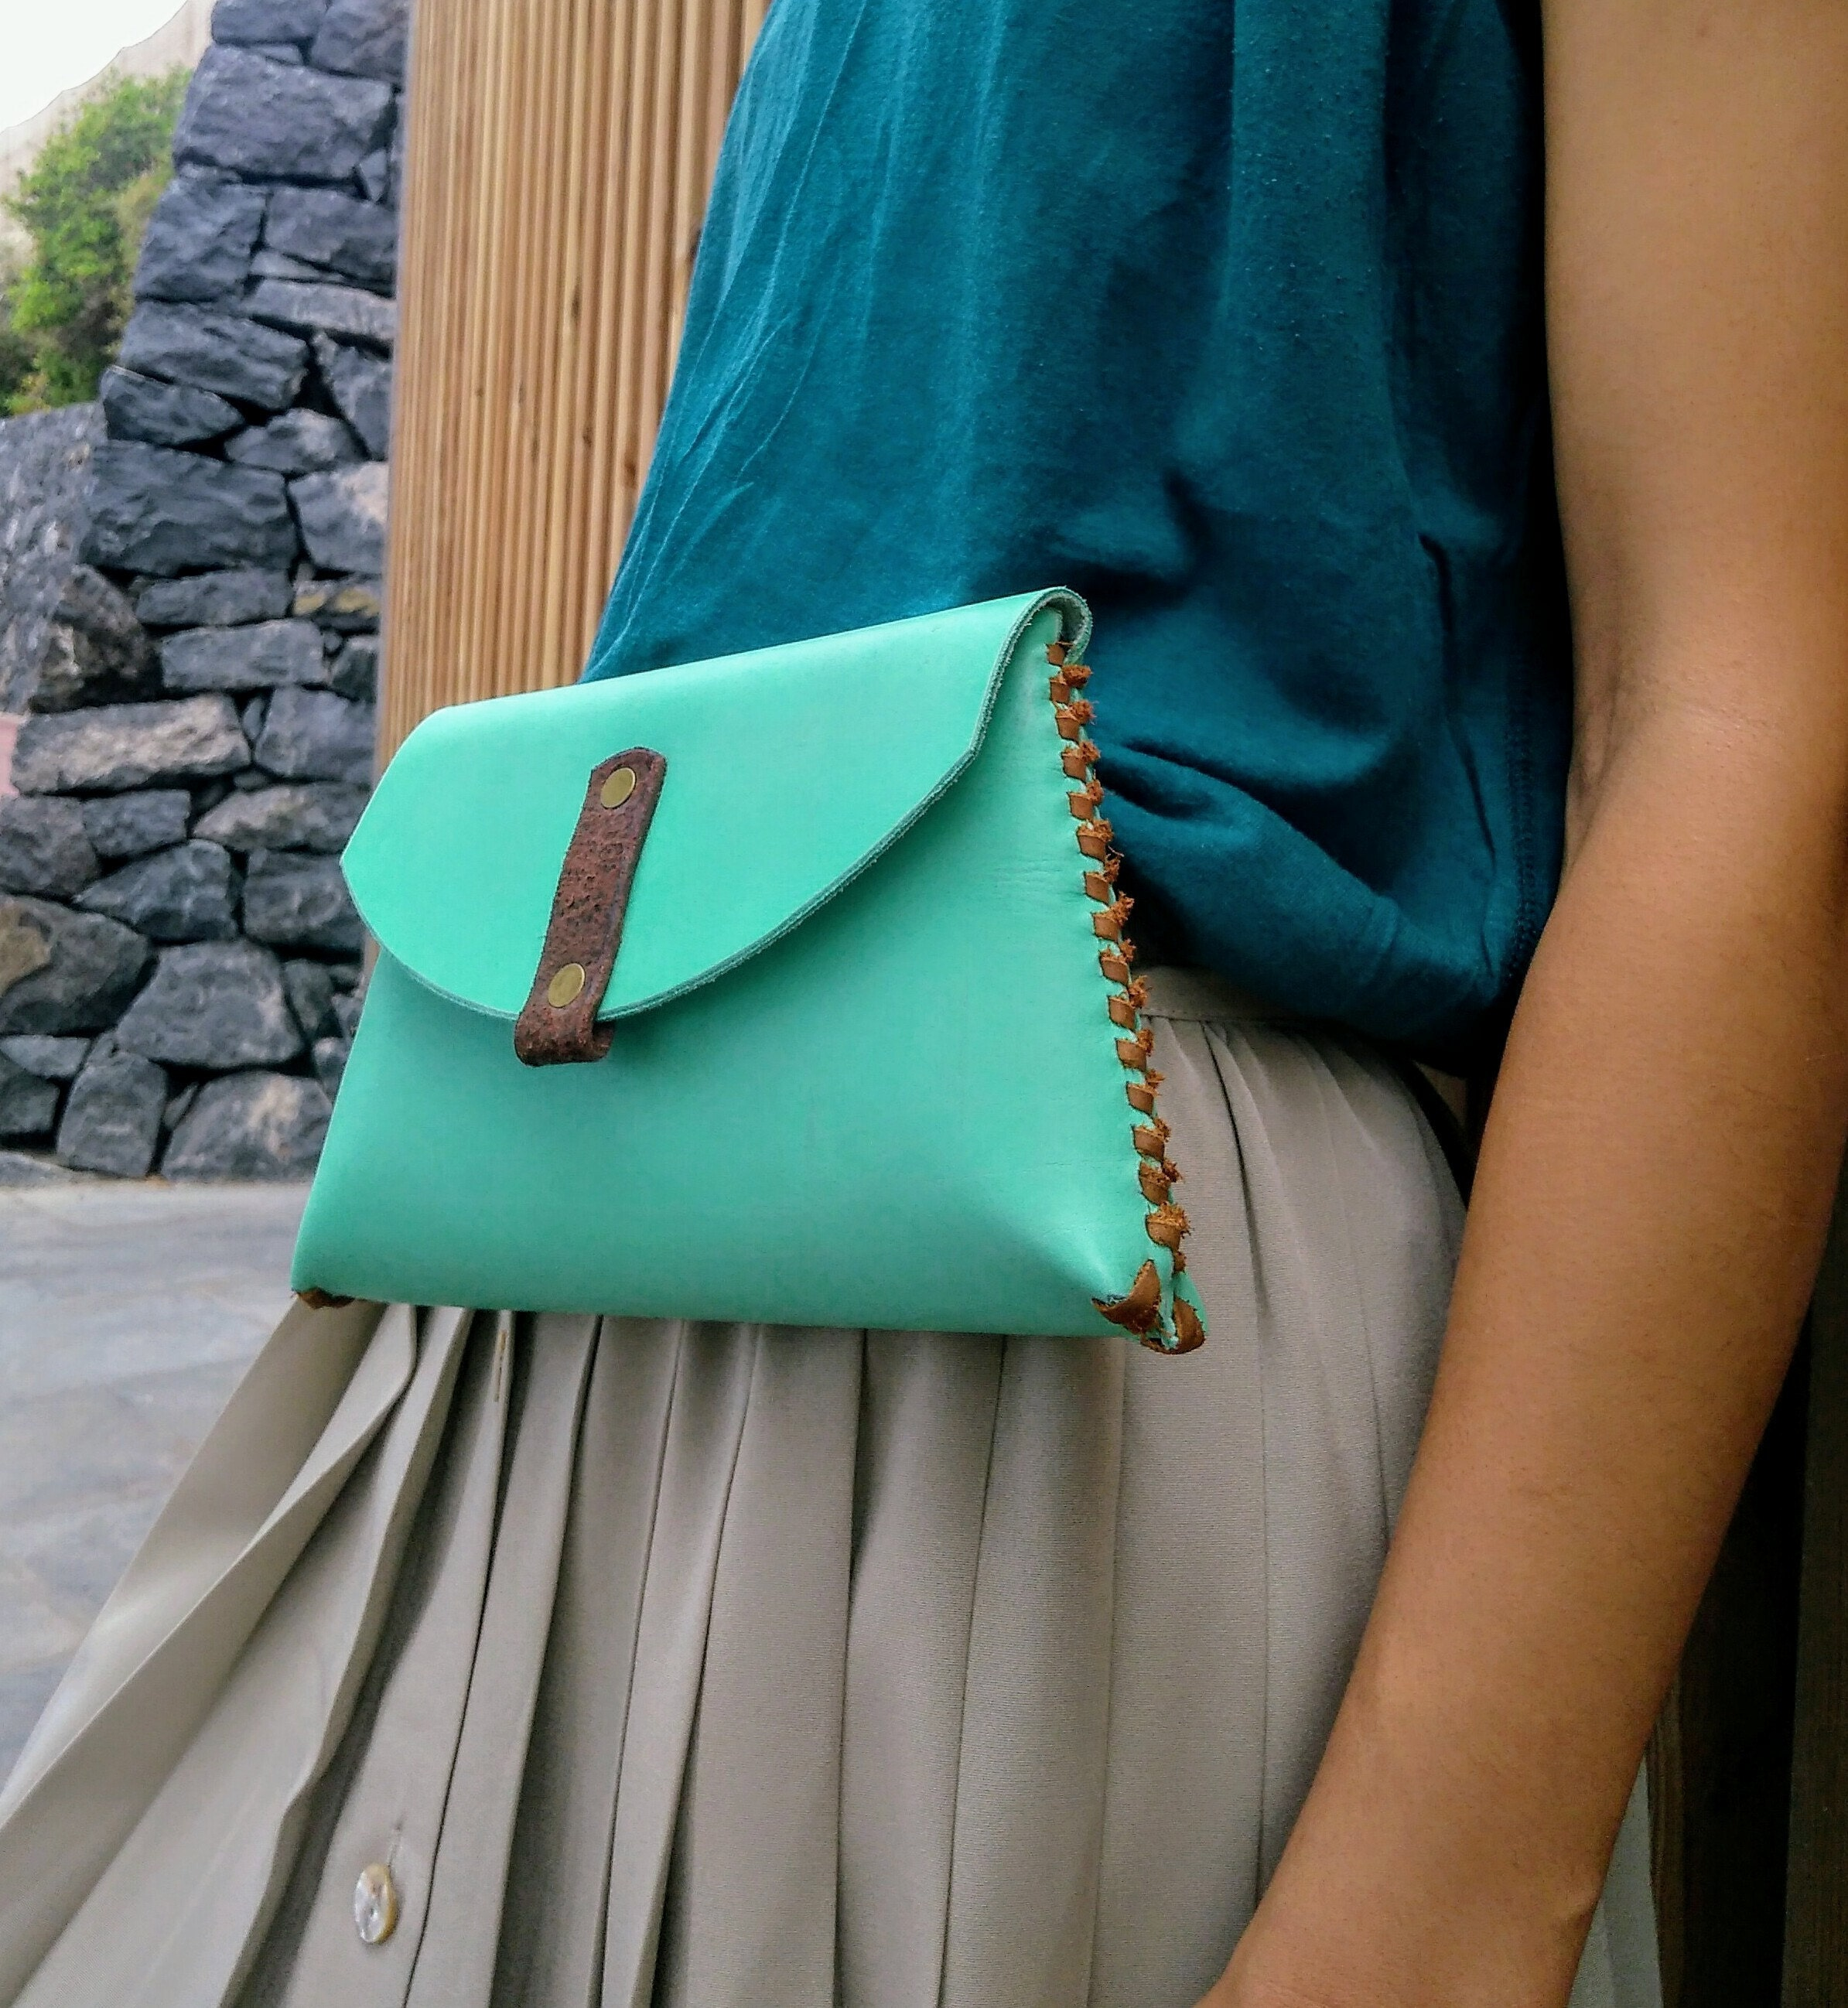 Leather Belt Bag*Fanny Pack*Leather Waist Bag*Festival Bag*Fanny Bag*Travel Bag*Small Bag*Women Bag*Women Leather Bag*Fashion Bag*Bum Bag